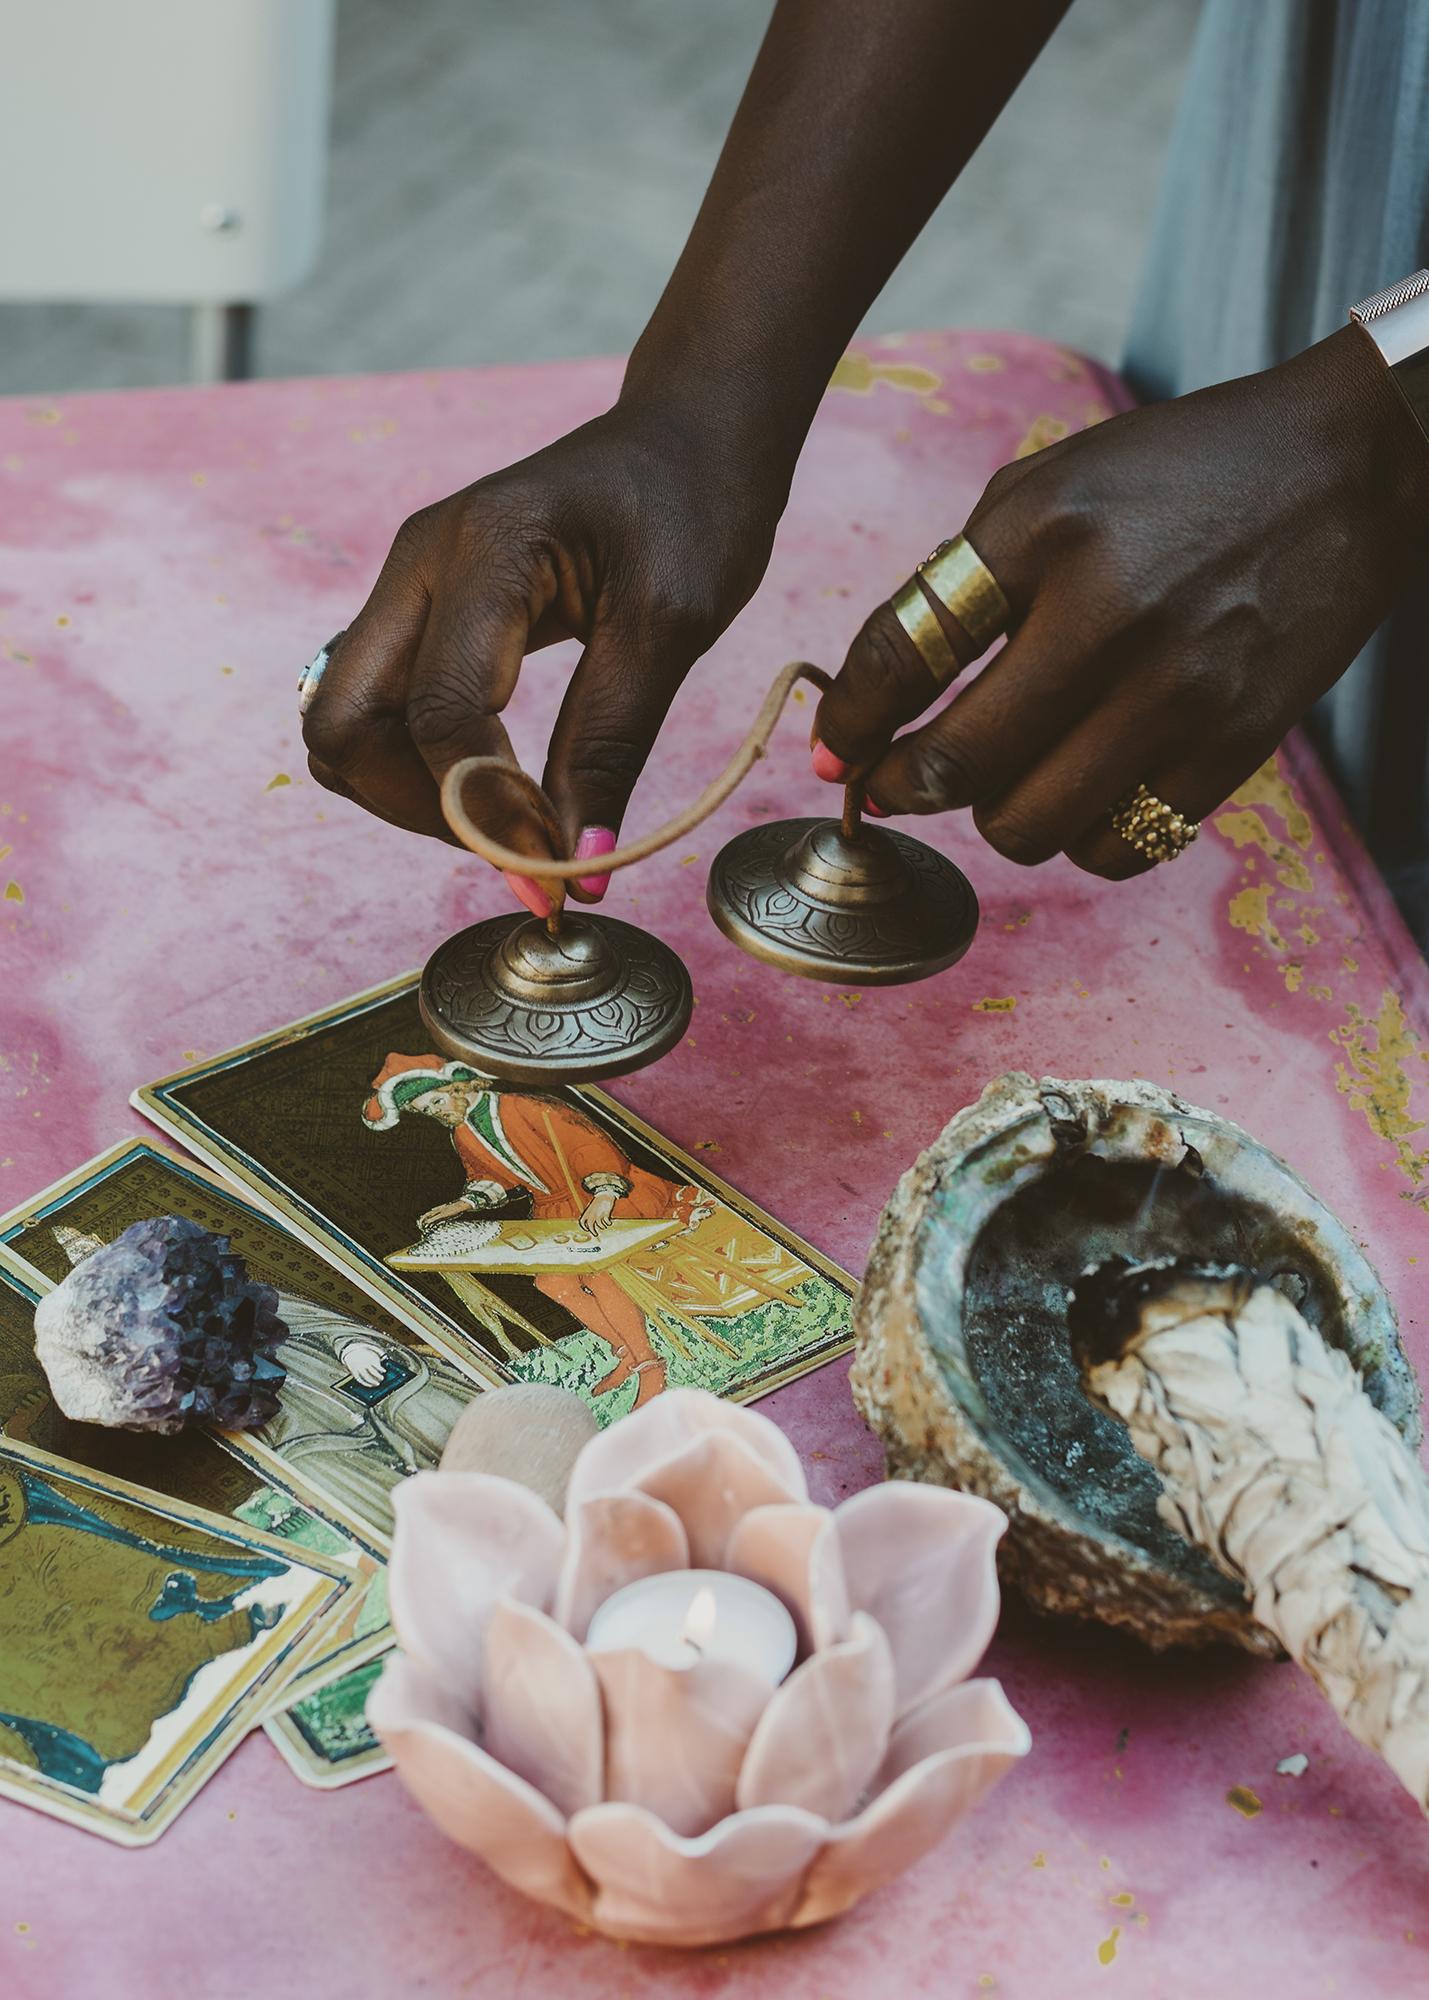 Crystal Lynn Bell Badass Butterfly hands